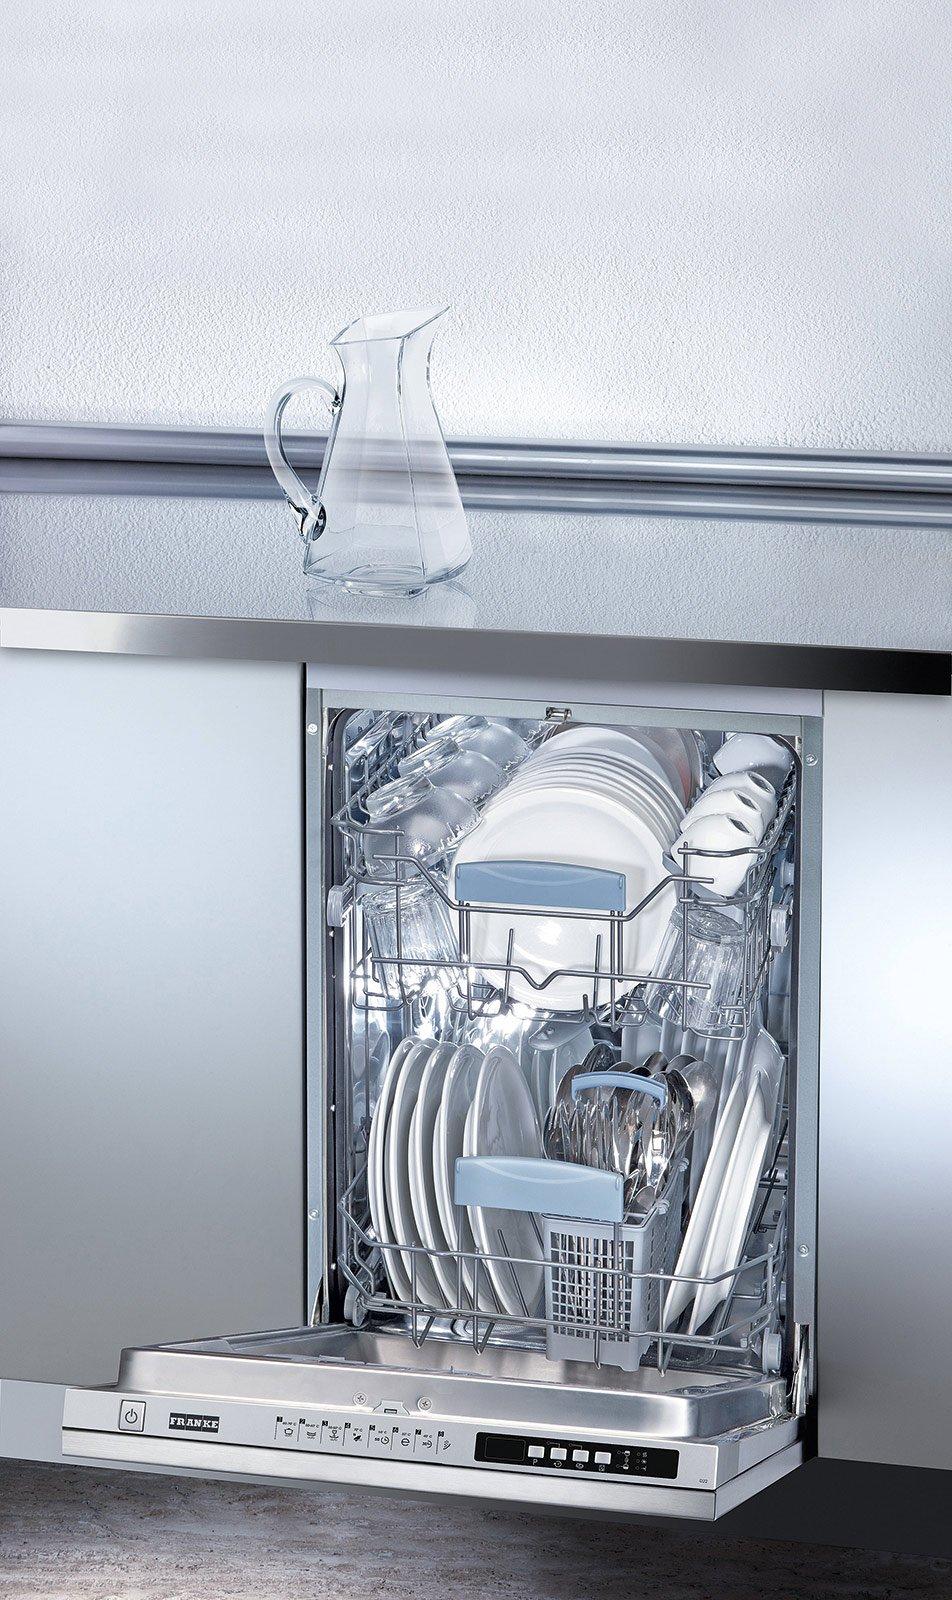 Lavastoviglie piccole per risparmiare spazio e consumi  Cose di Casa